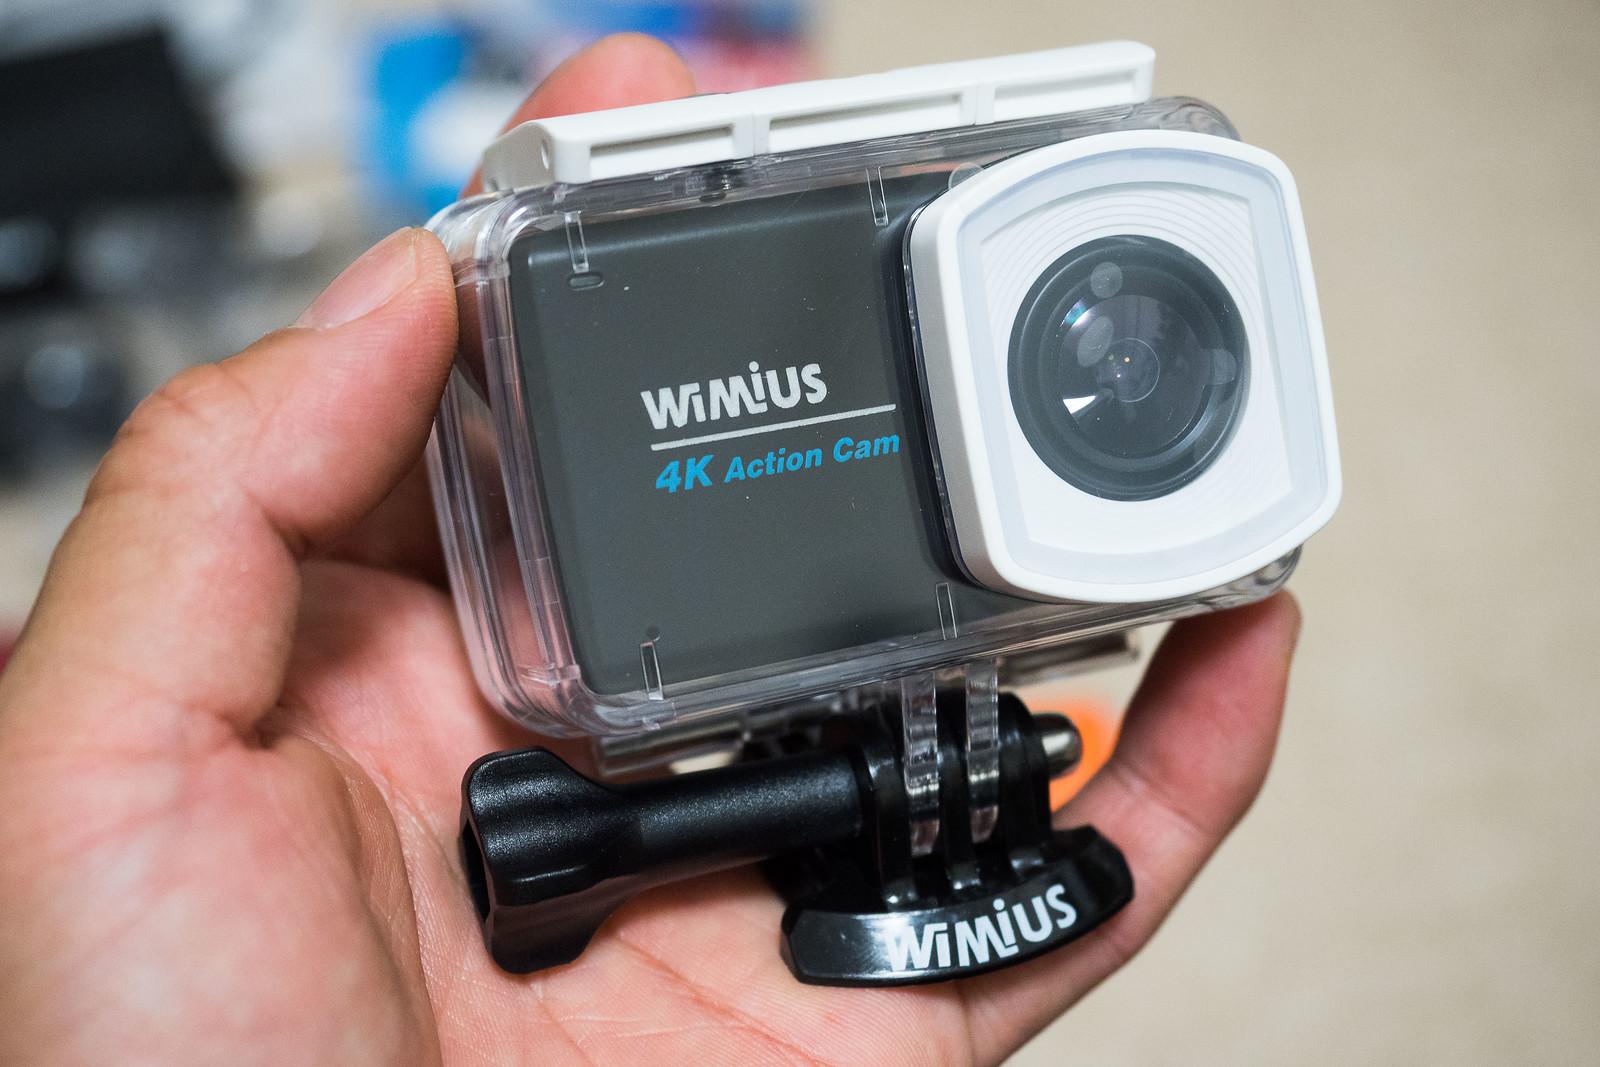 WiMiUS_L3_Touch-5